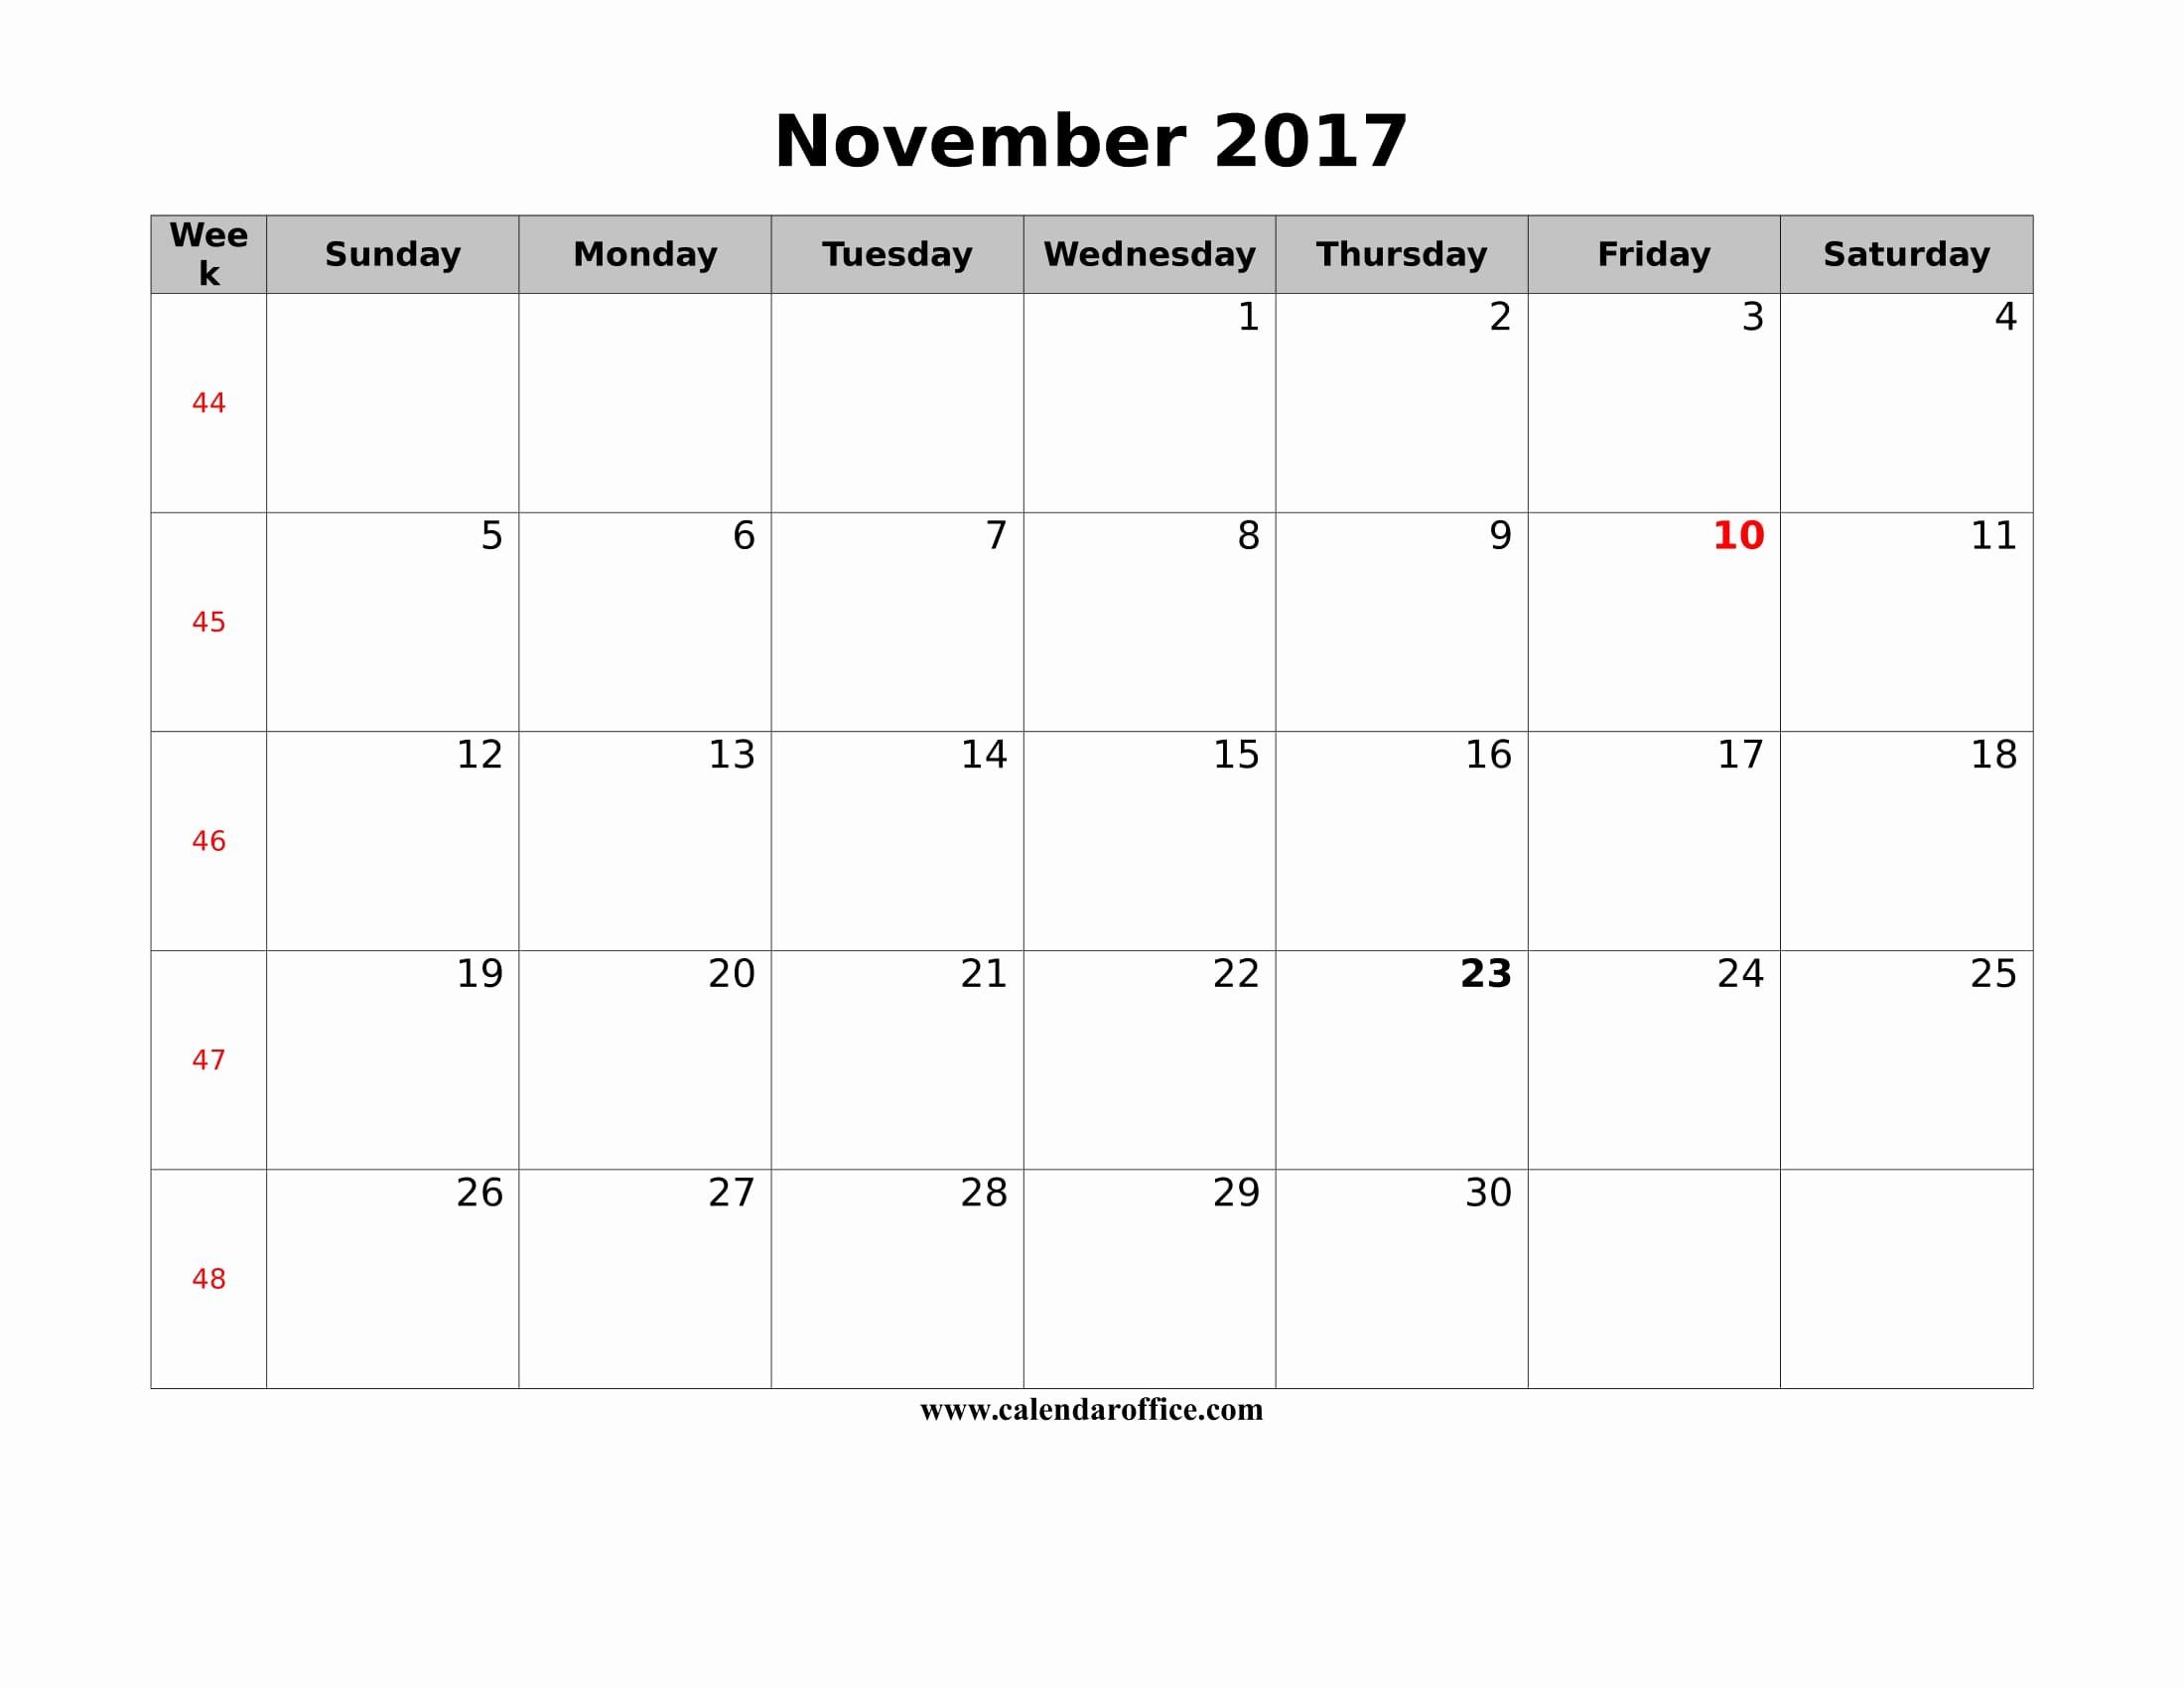 Blank November 2017 Calendar Template Beautiful November 2017 Calendar Printable Templates Calendar Fice